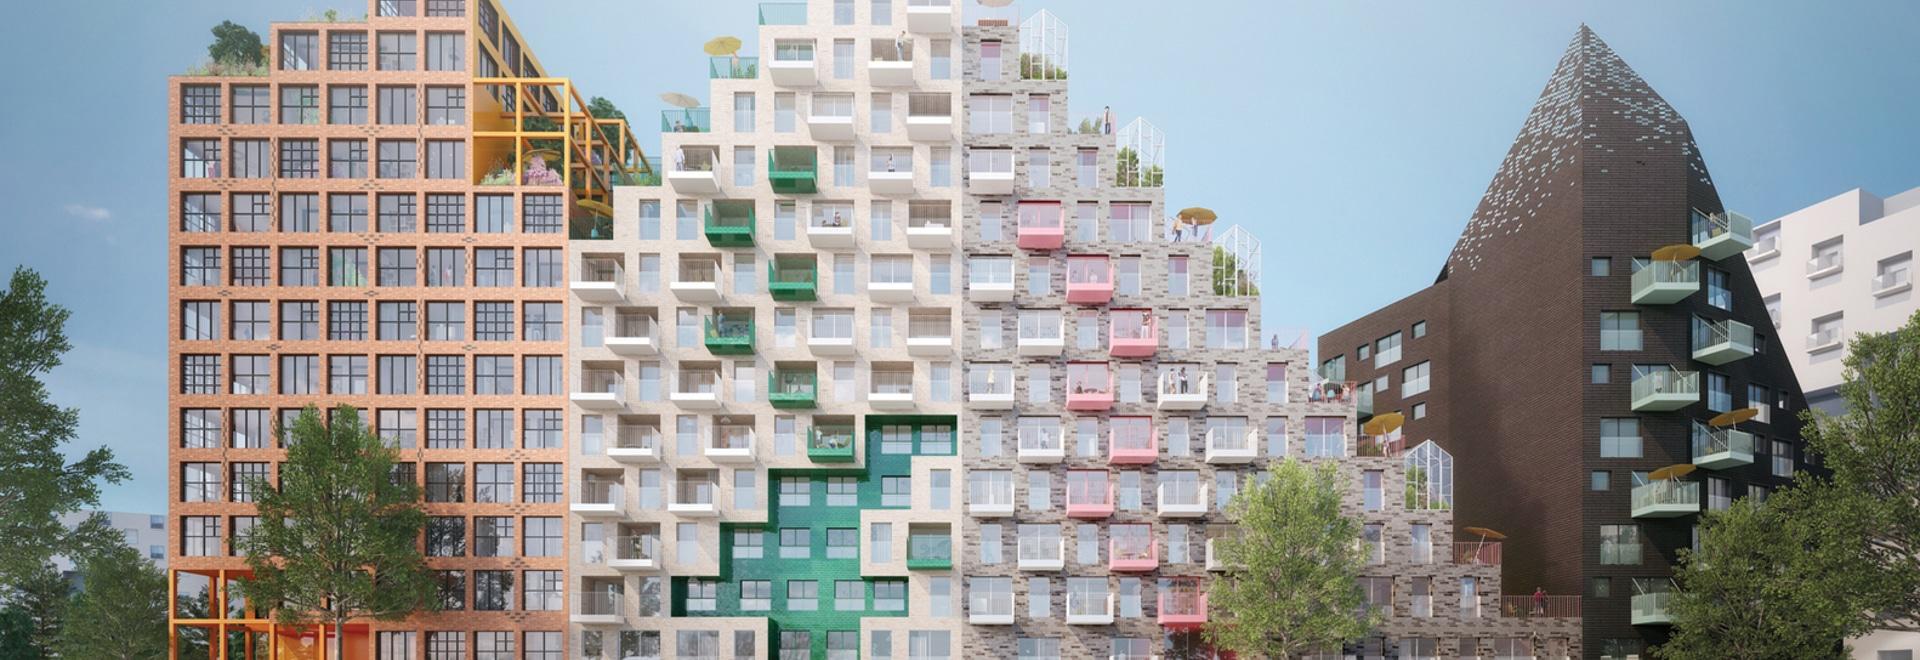 Blocchetto di Manuelle Gautrand Designs Futuristic Housing per Amsterdam